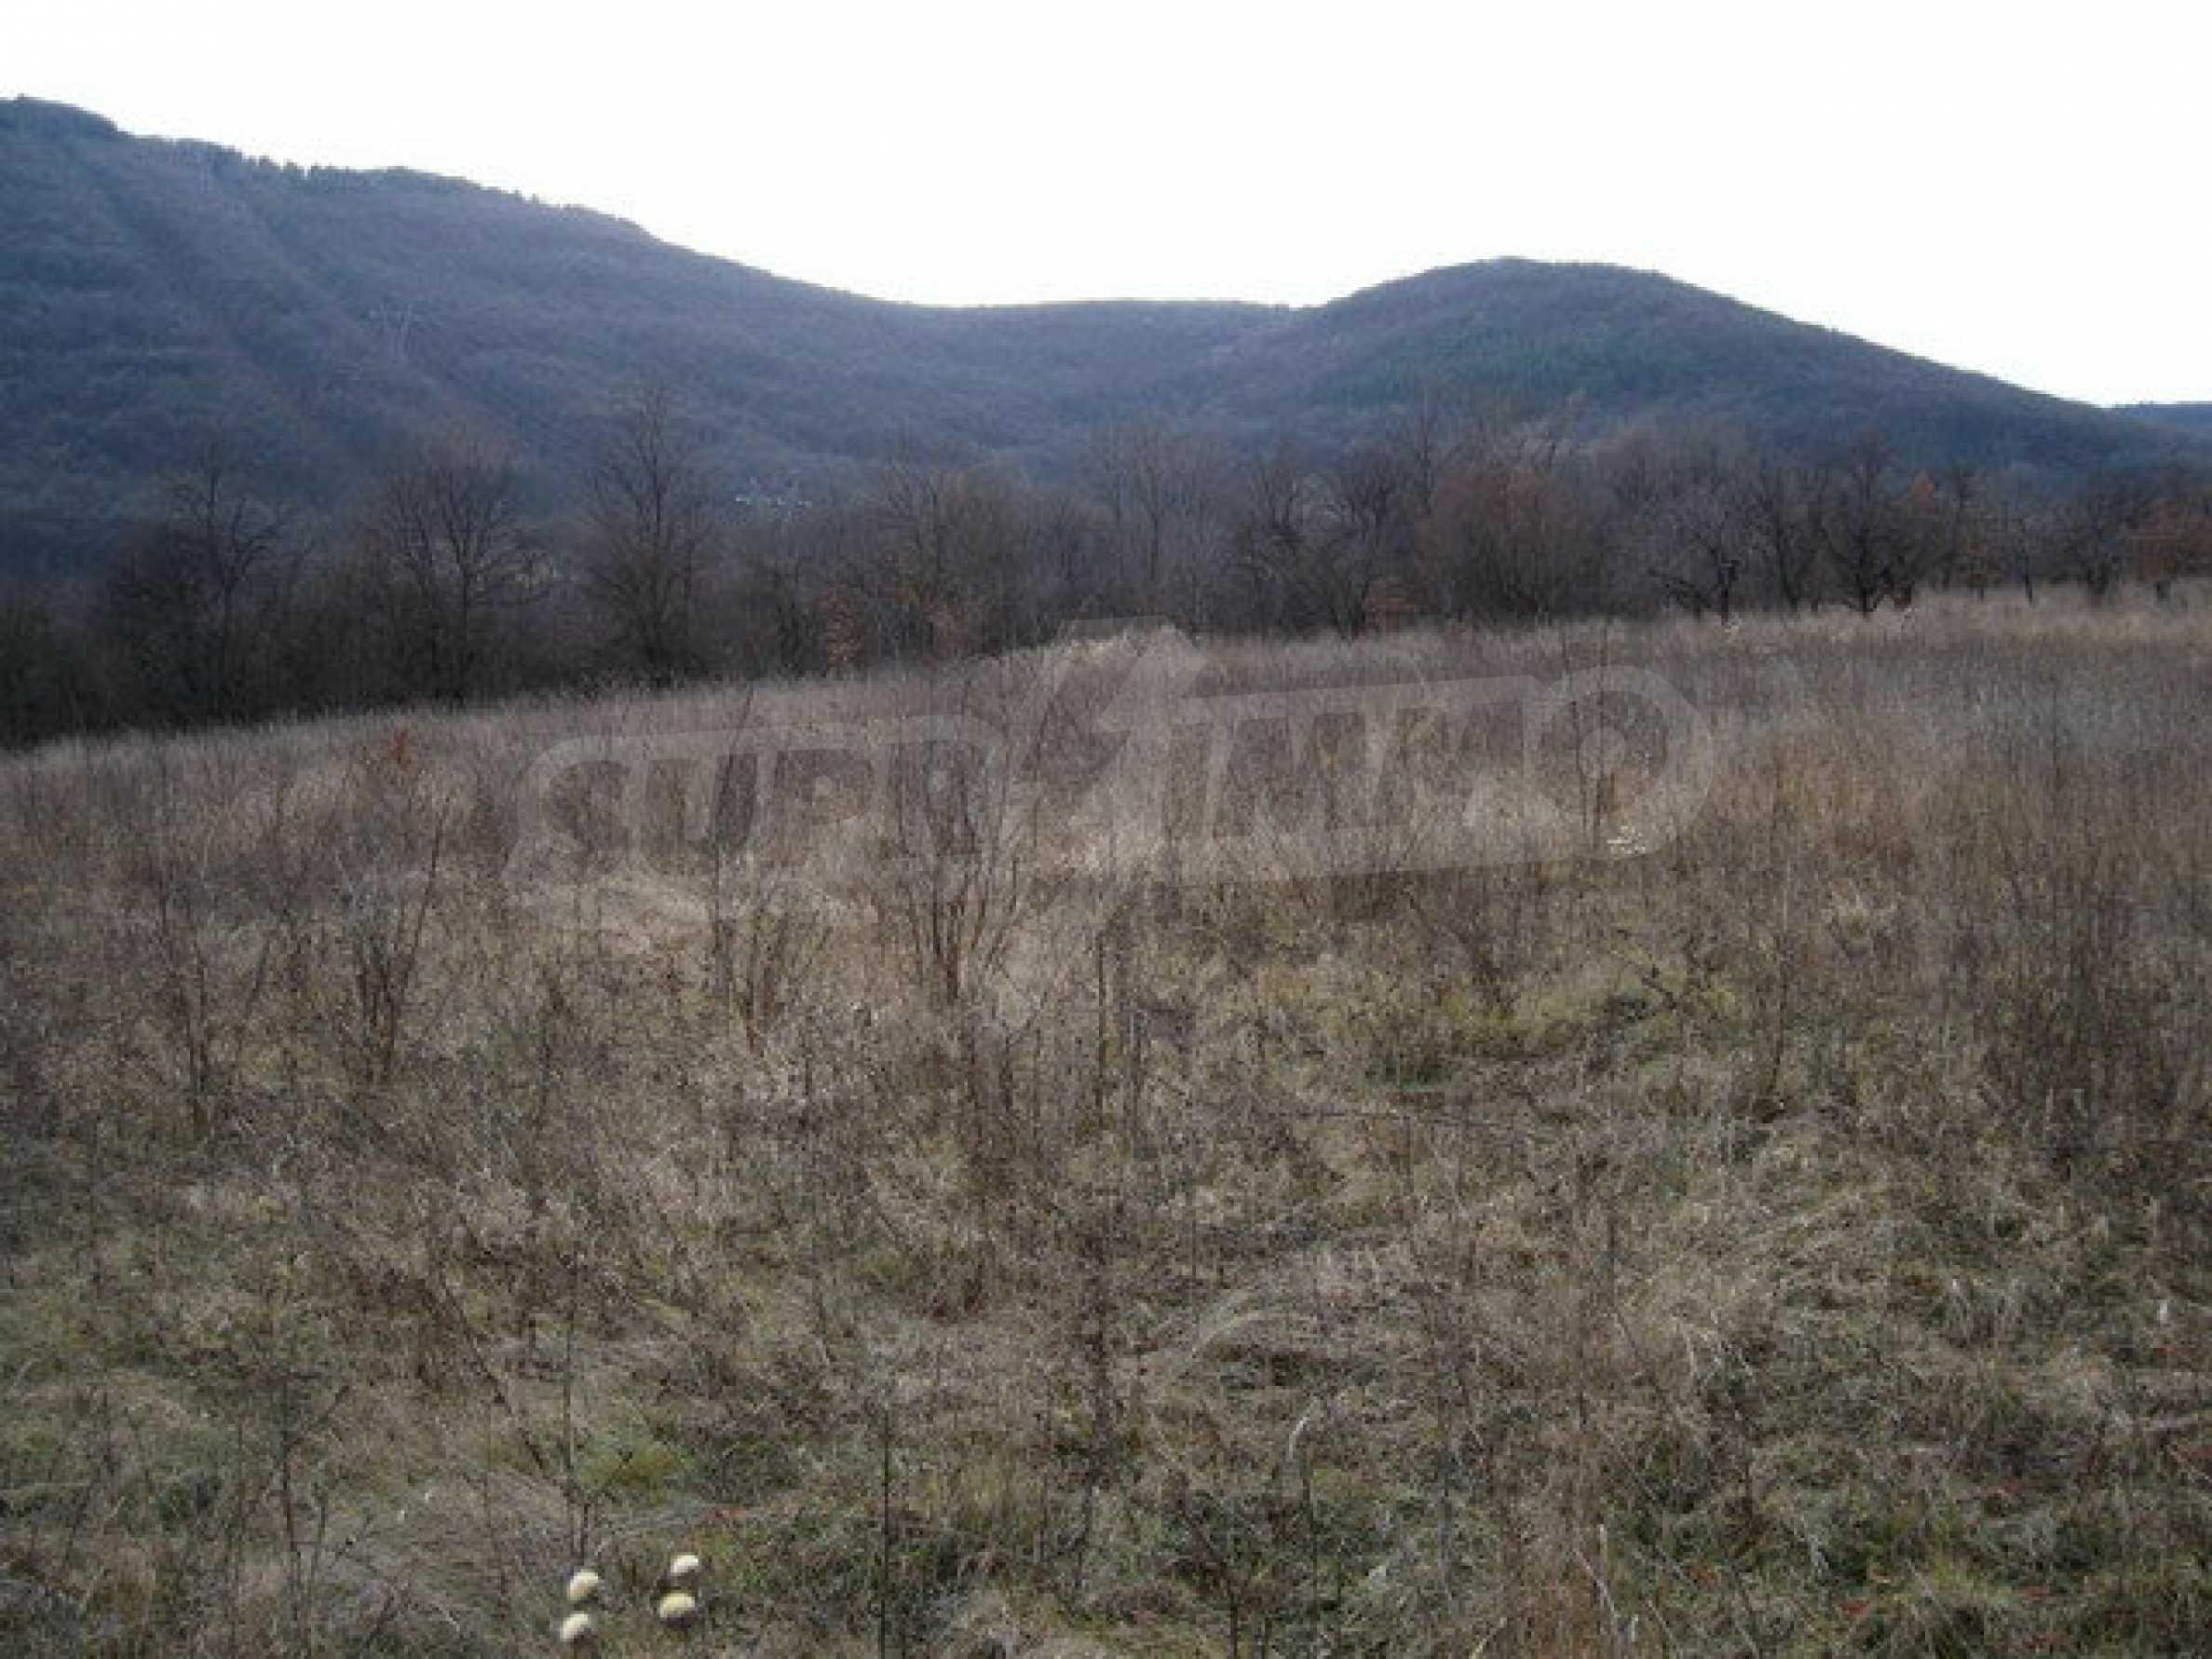 Большой земельный участок площадью 2849 кв. м. расположенный в  100 метрах от главной дороги